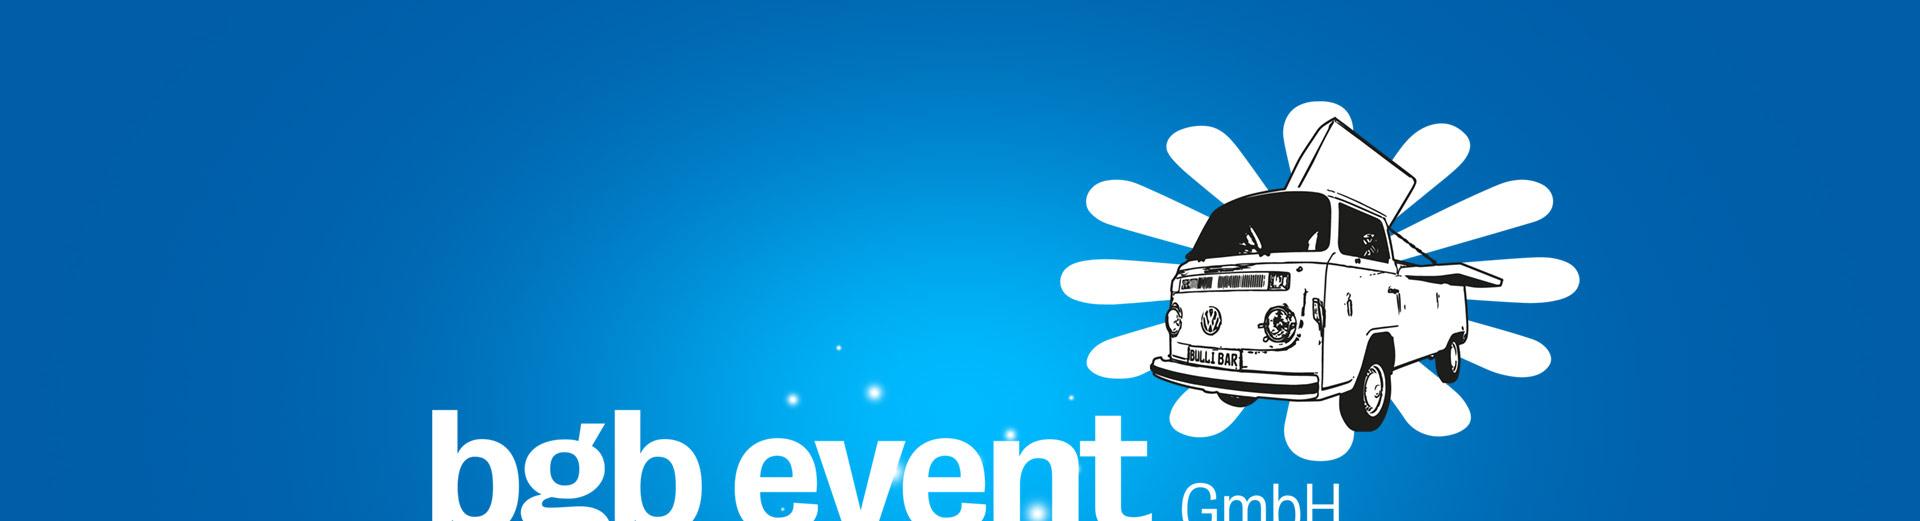 bgb event GmbH - Catering, Ausstattung und Technik